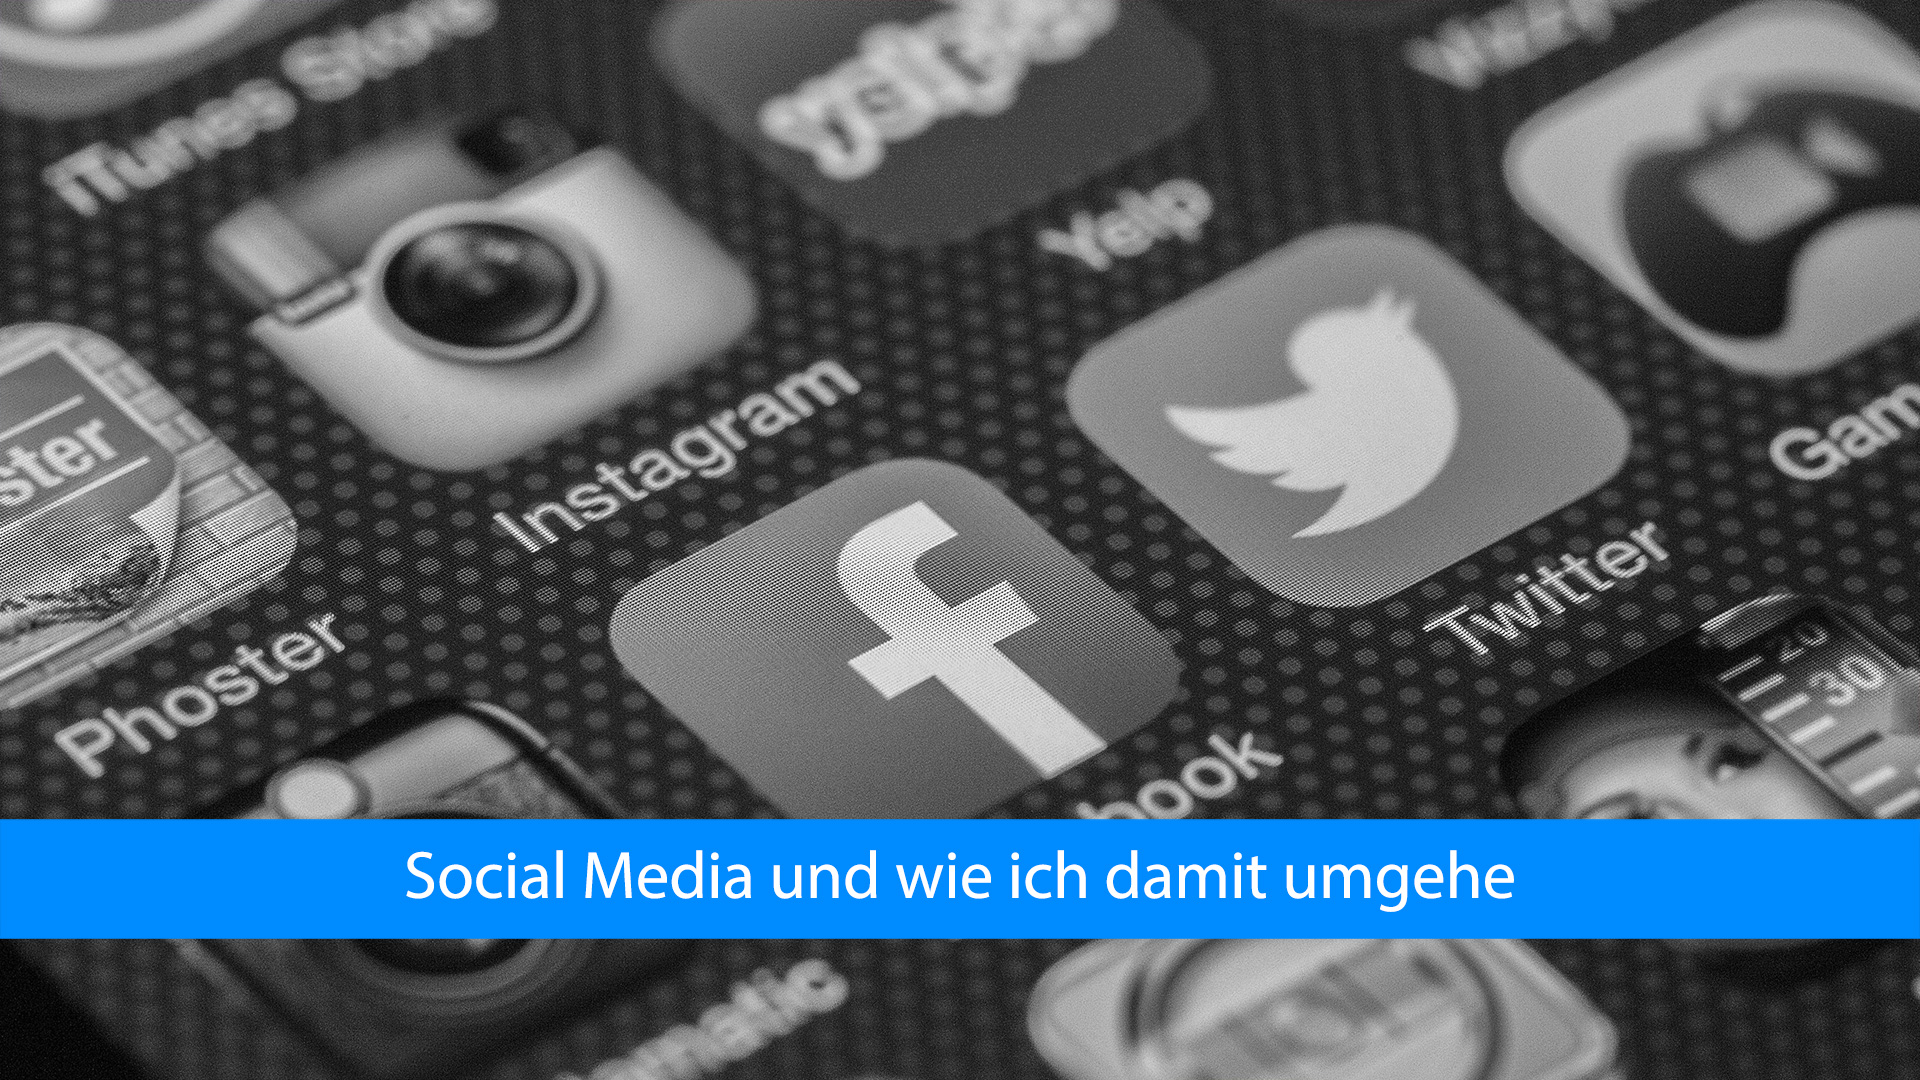 Mein Blog und die sozialen Medien – Wie geht das?